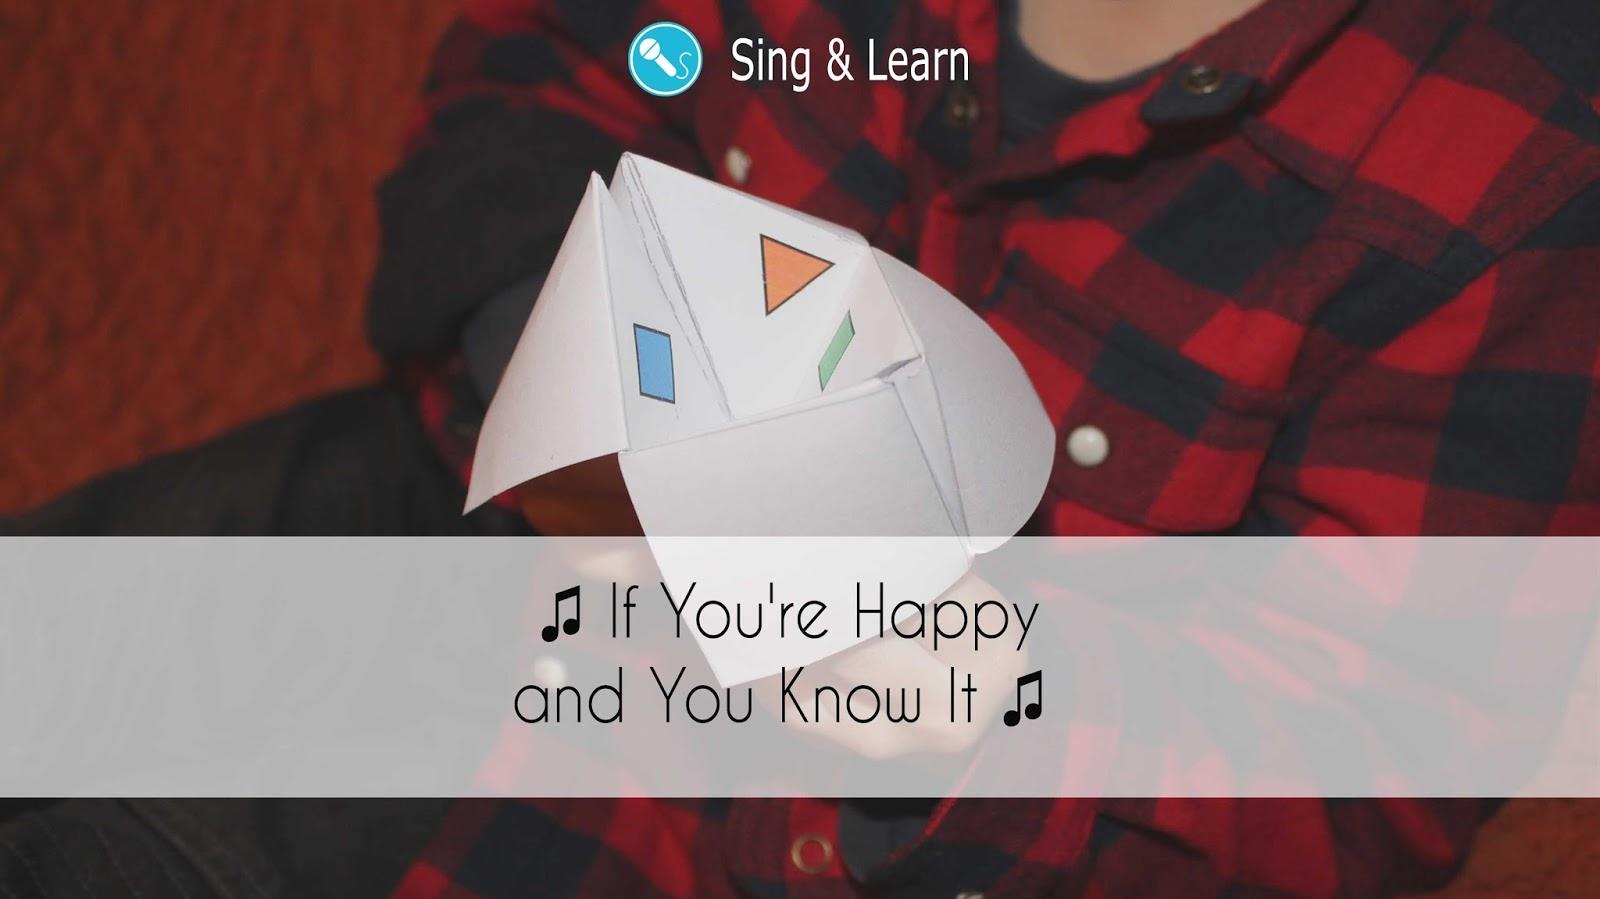 High Five Family famille bilingue apprendre anglais chanson